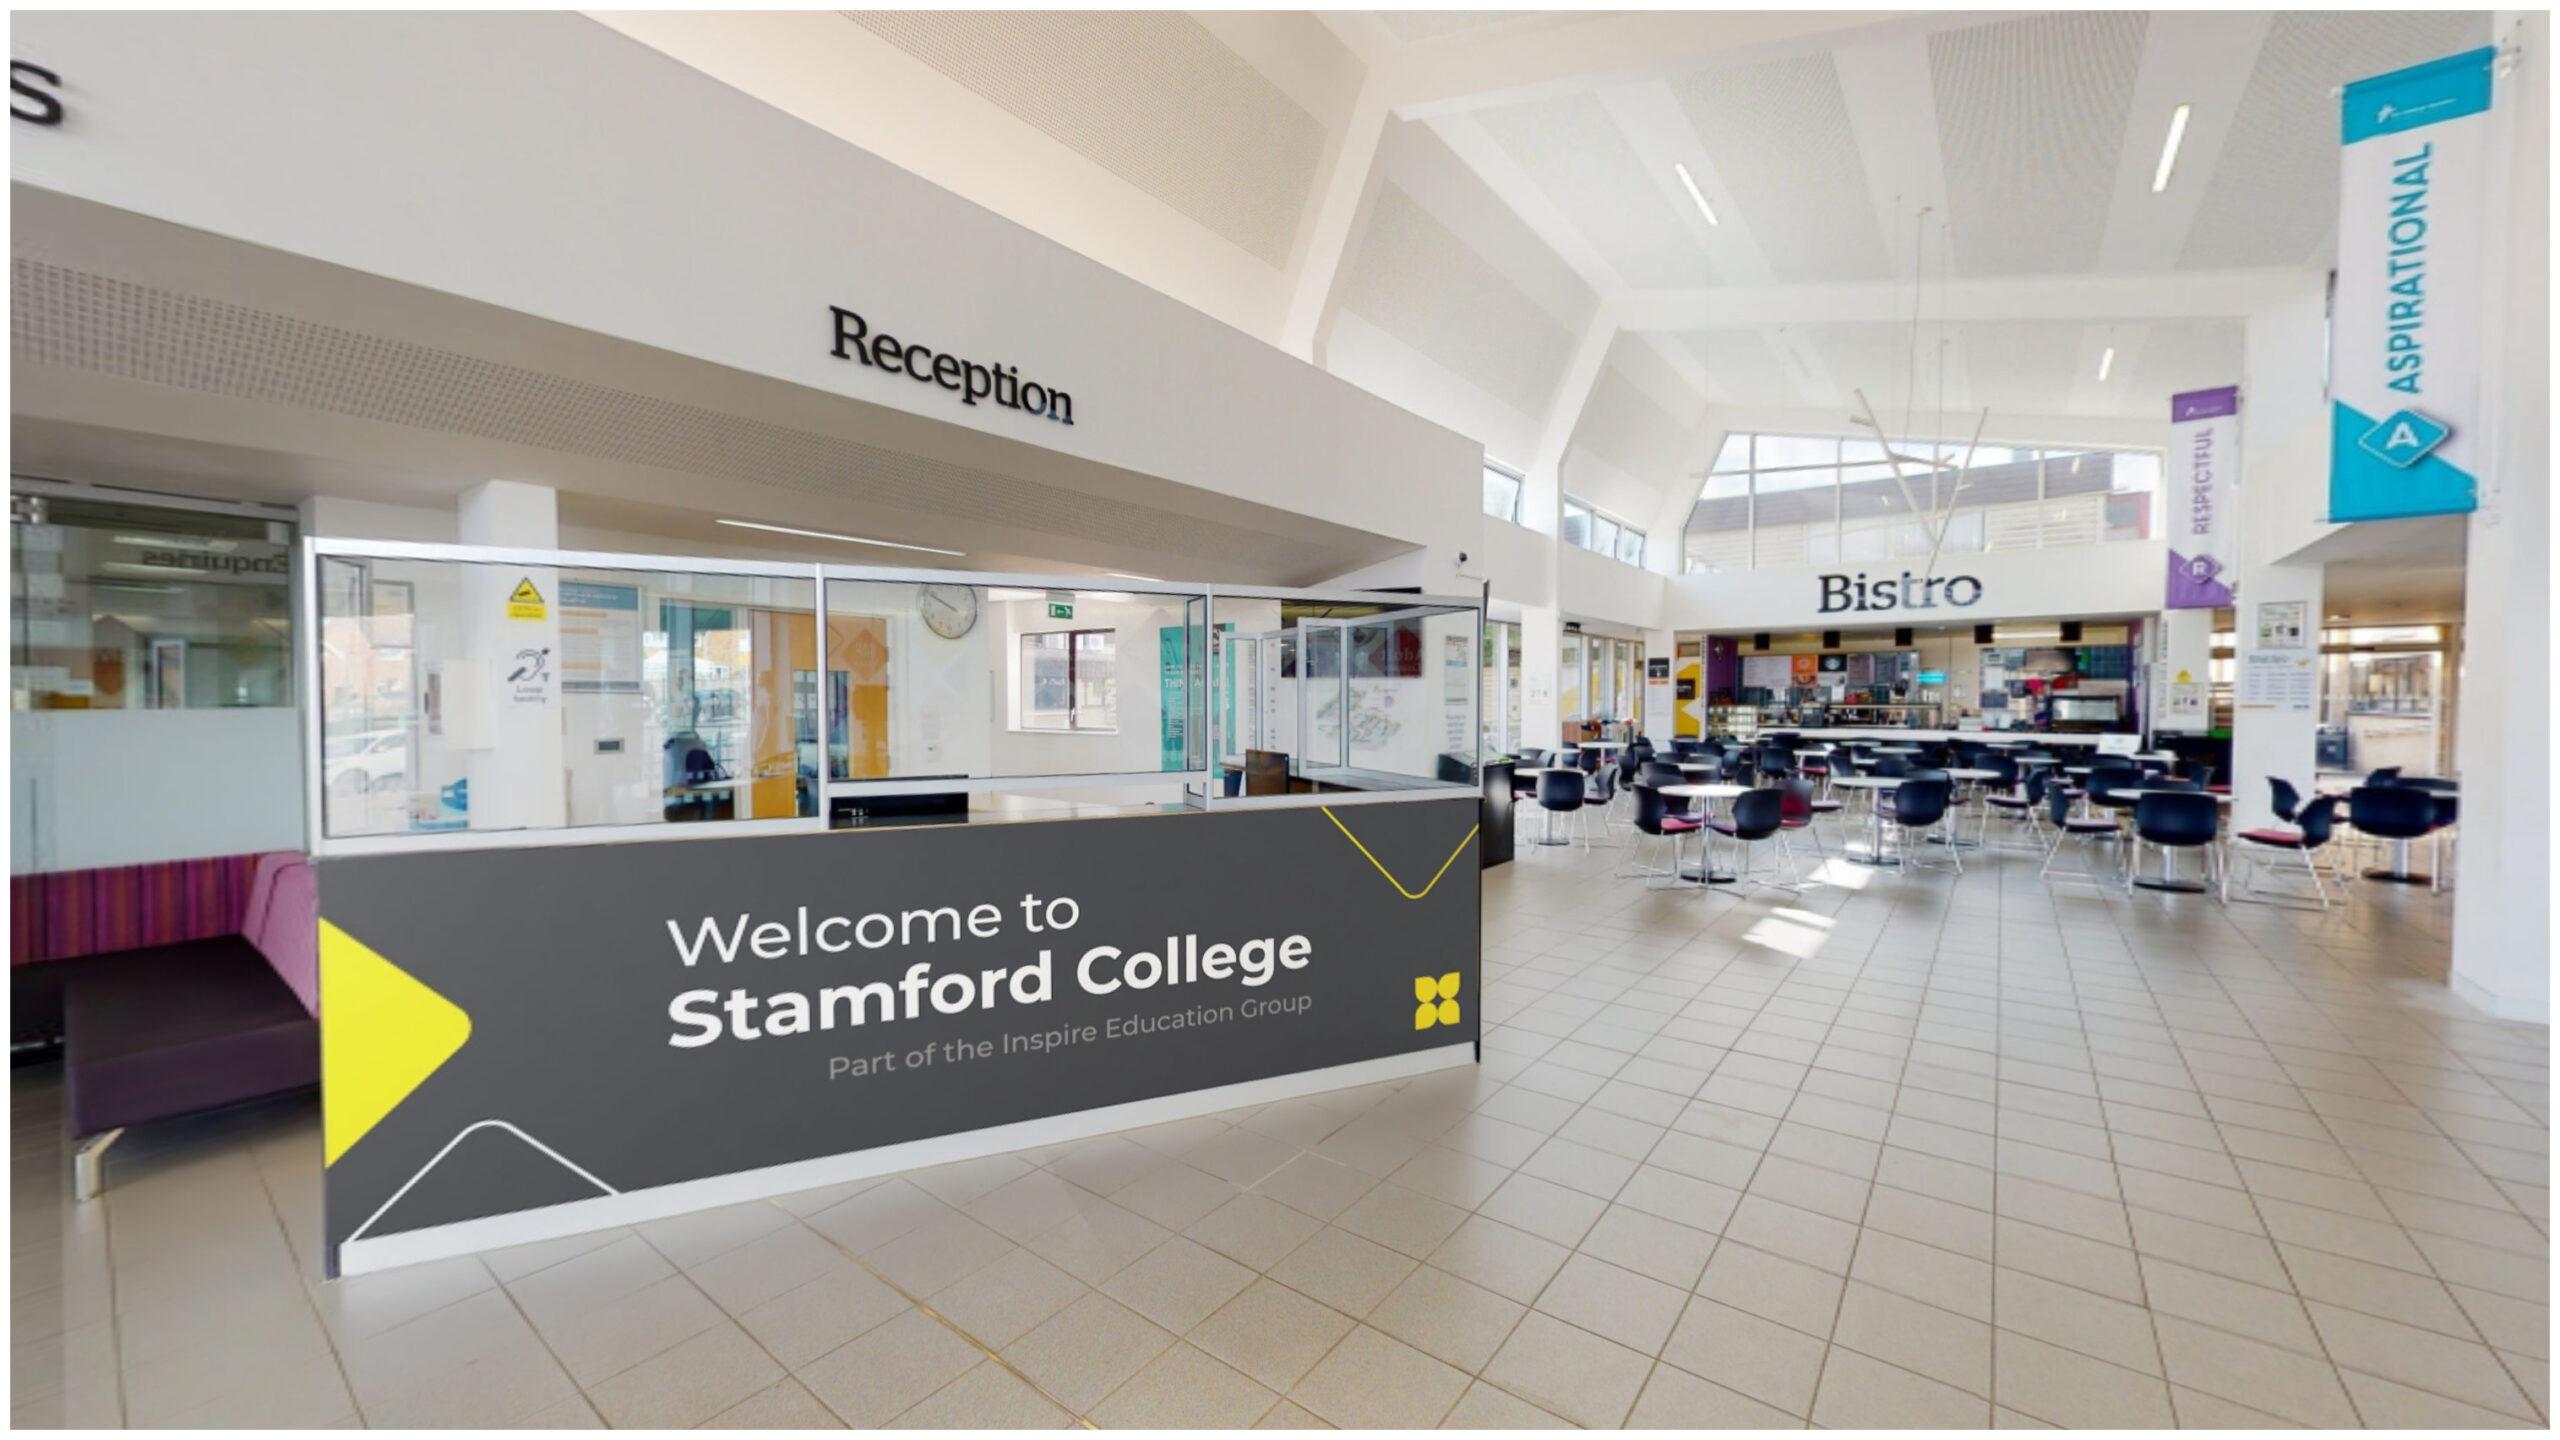 Stamford Image 1